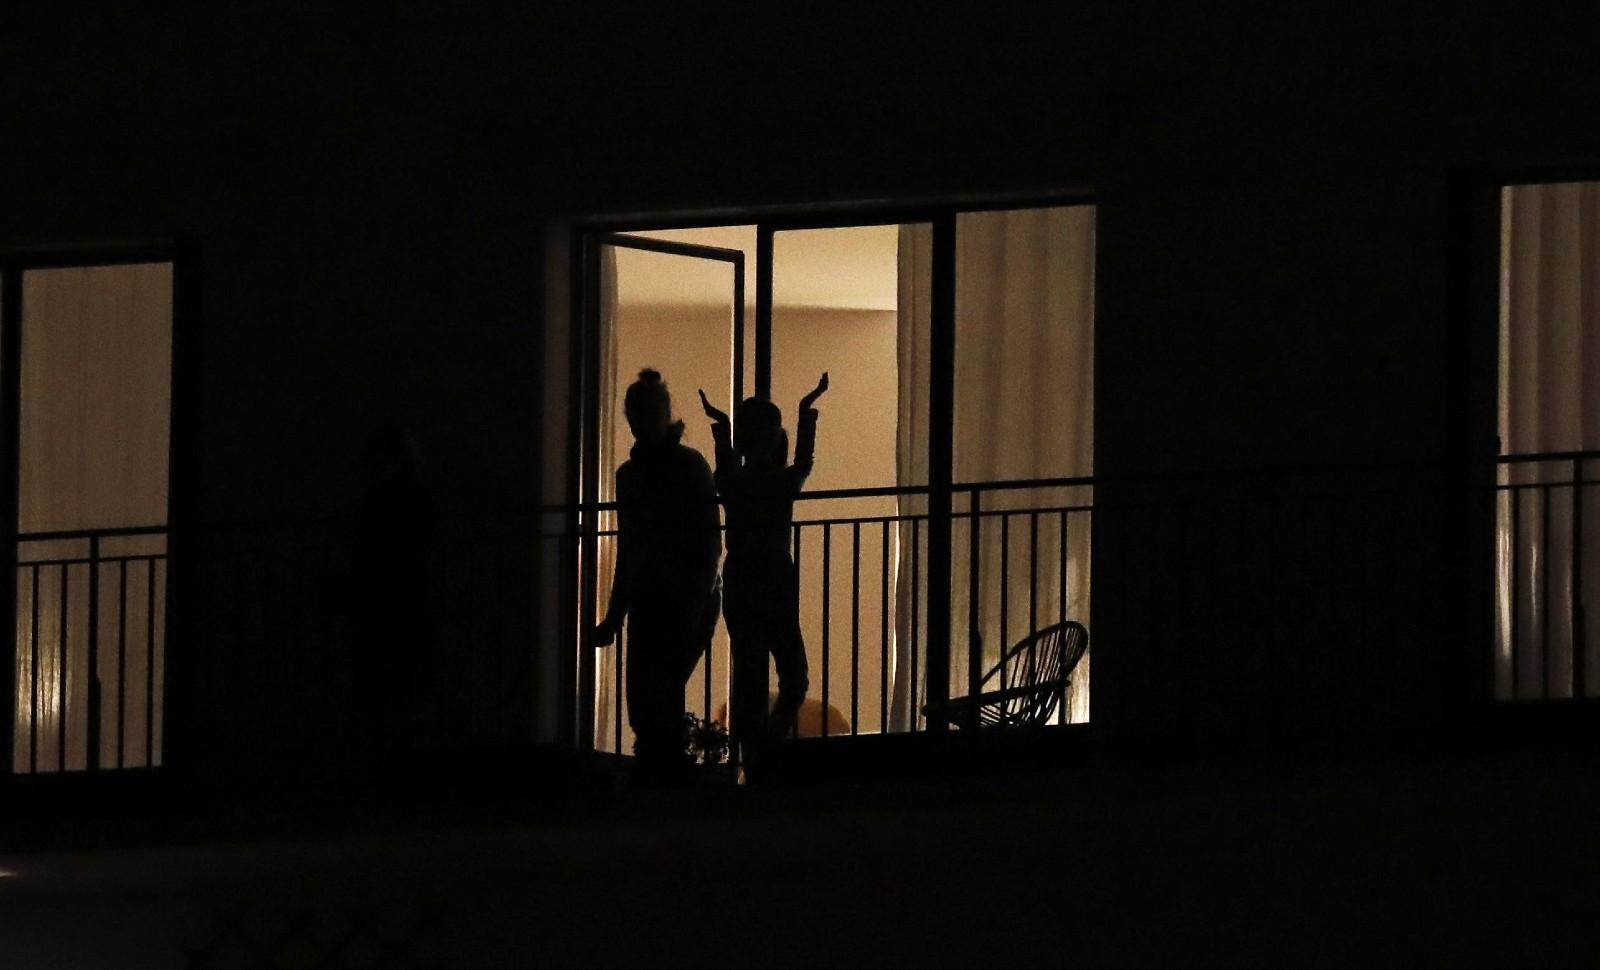 Paris, des habitants confinés applaudissent les soignants à 20 heures, le 19 mars 2020 © Christophe Ena/AP/SIPA Numéro de reportage : AP22439935_000063